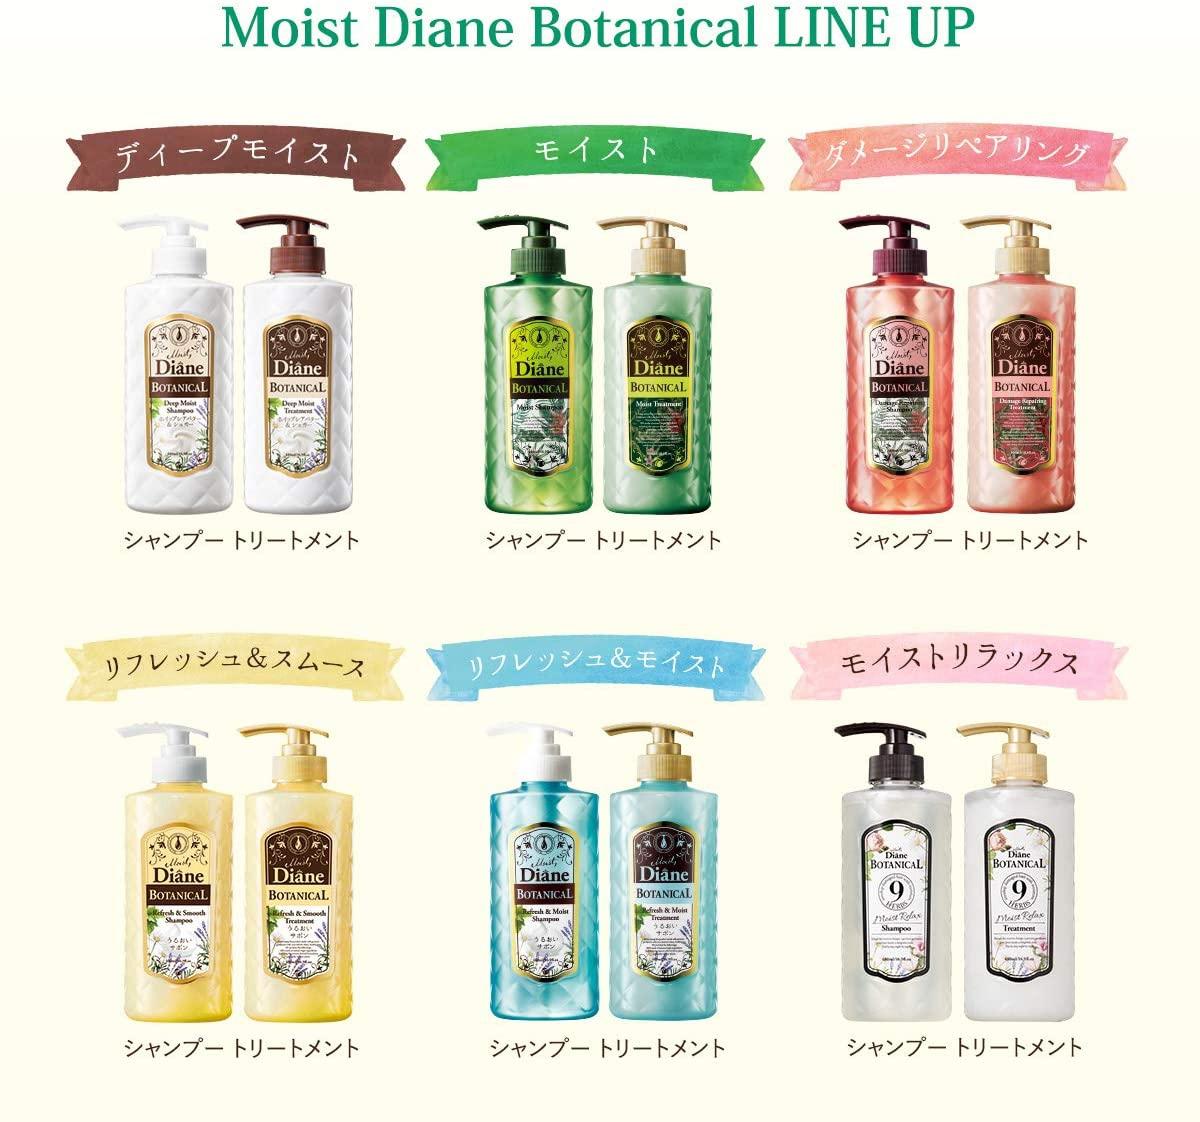 Diane(ダイアン) ボタニカルシャンプー ダメージリペアリングの商品画像11